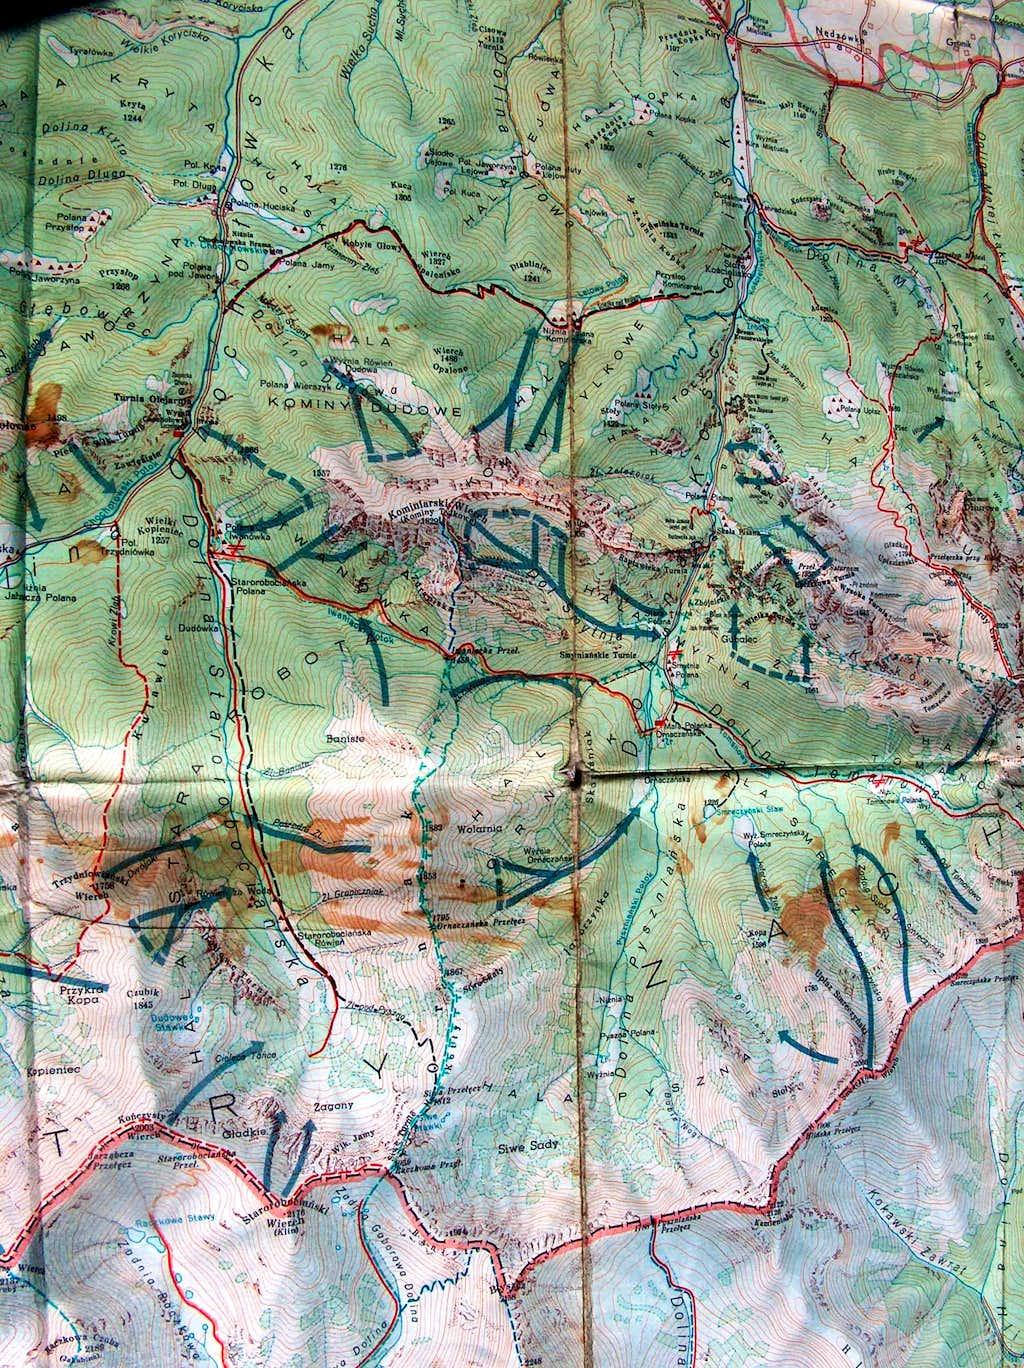 Kominiarski Wierch trail on a 1970 map